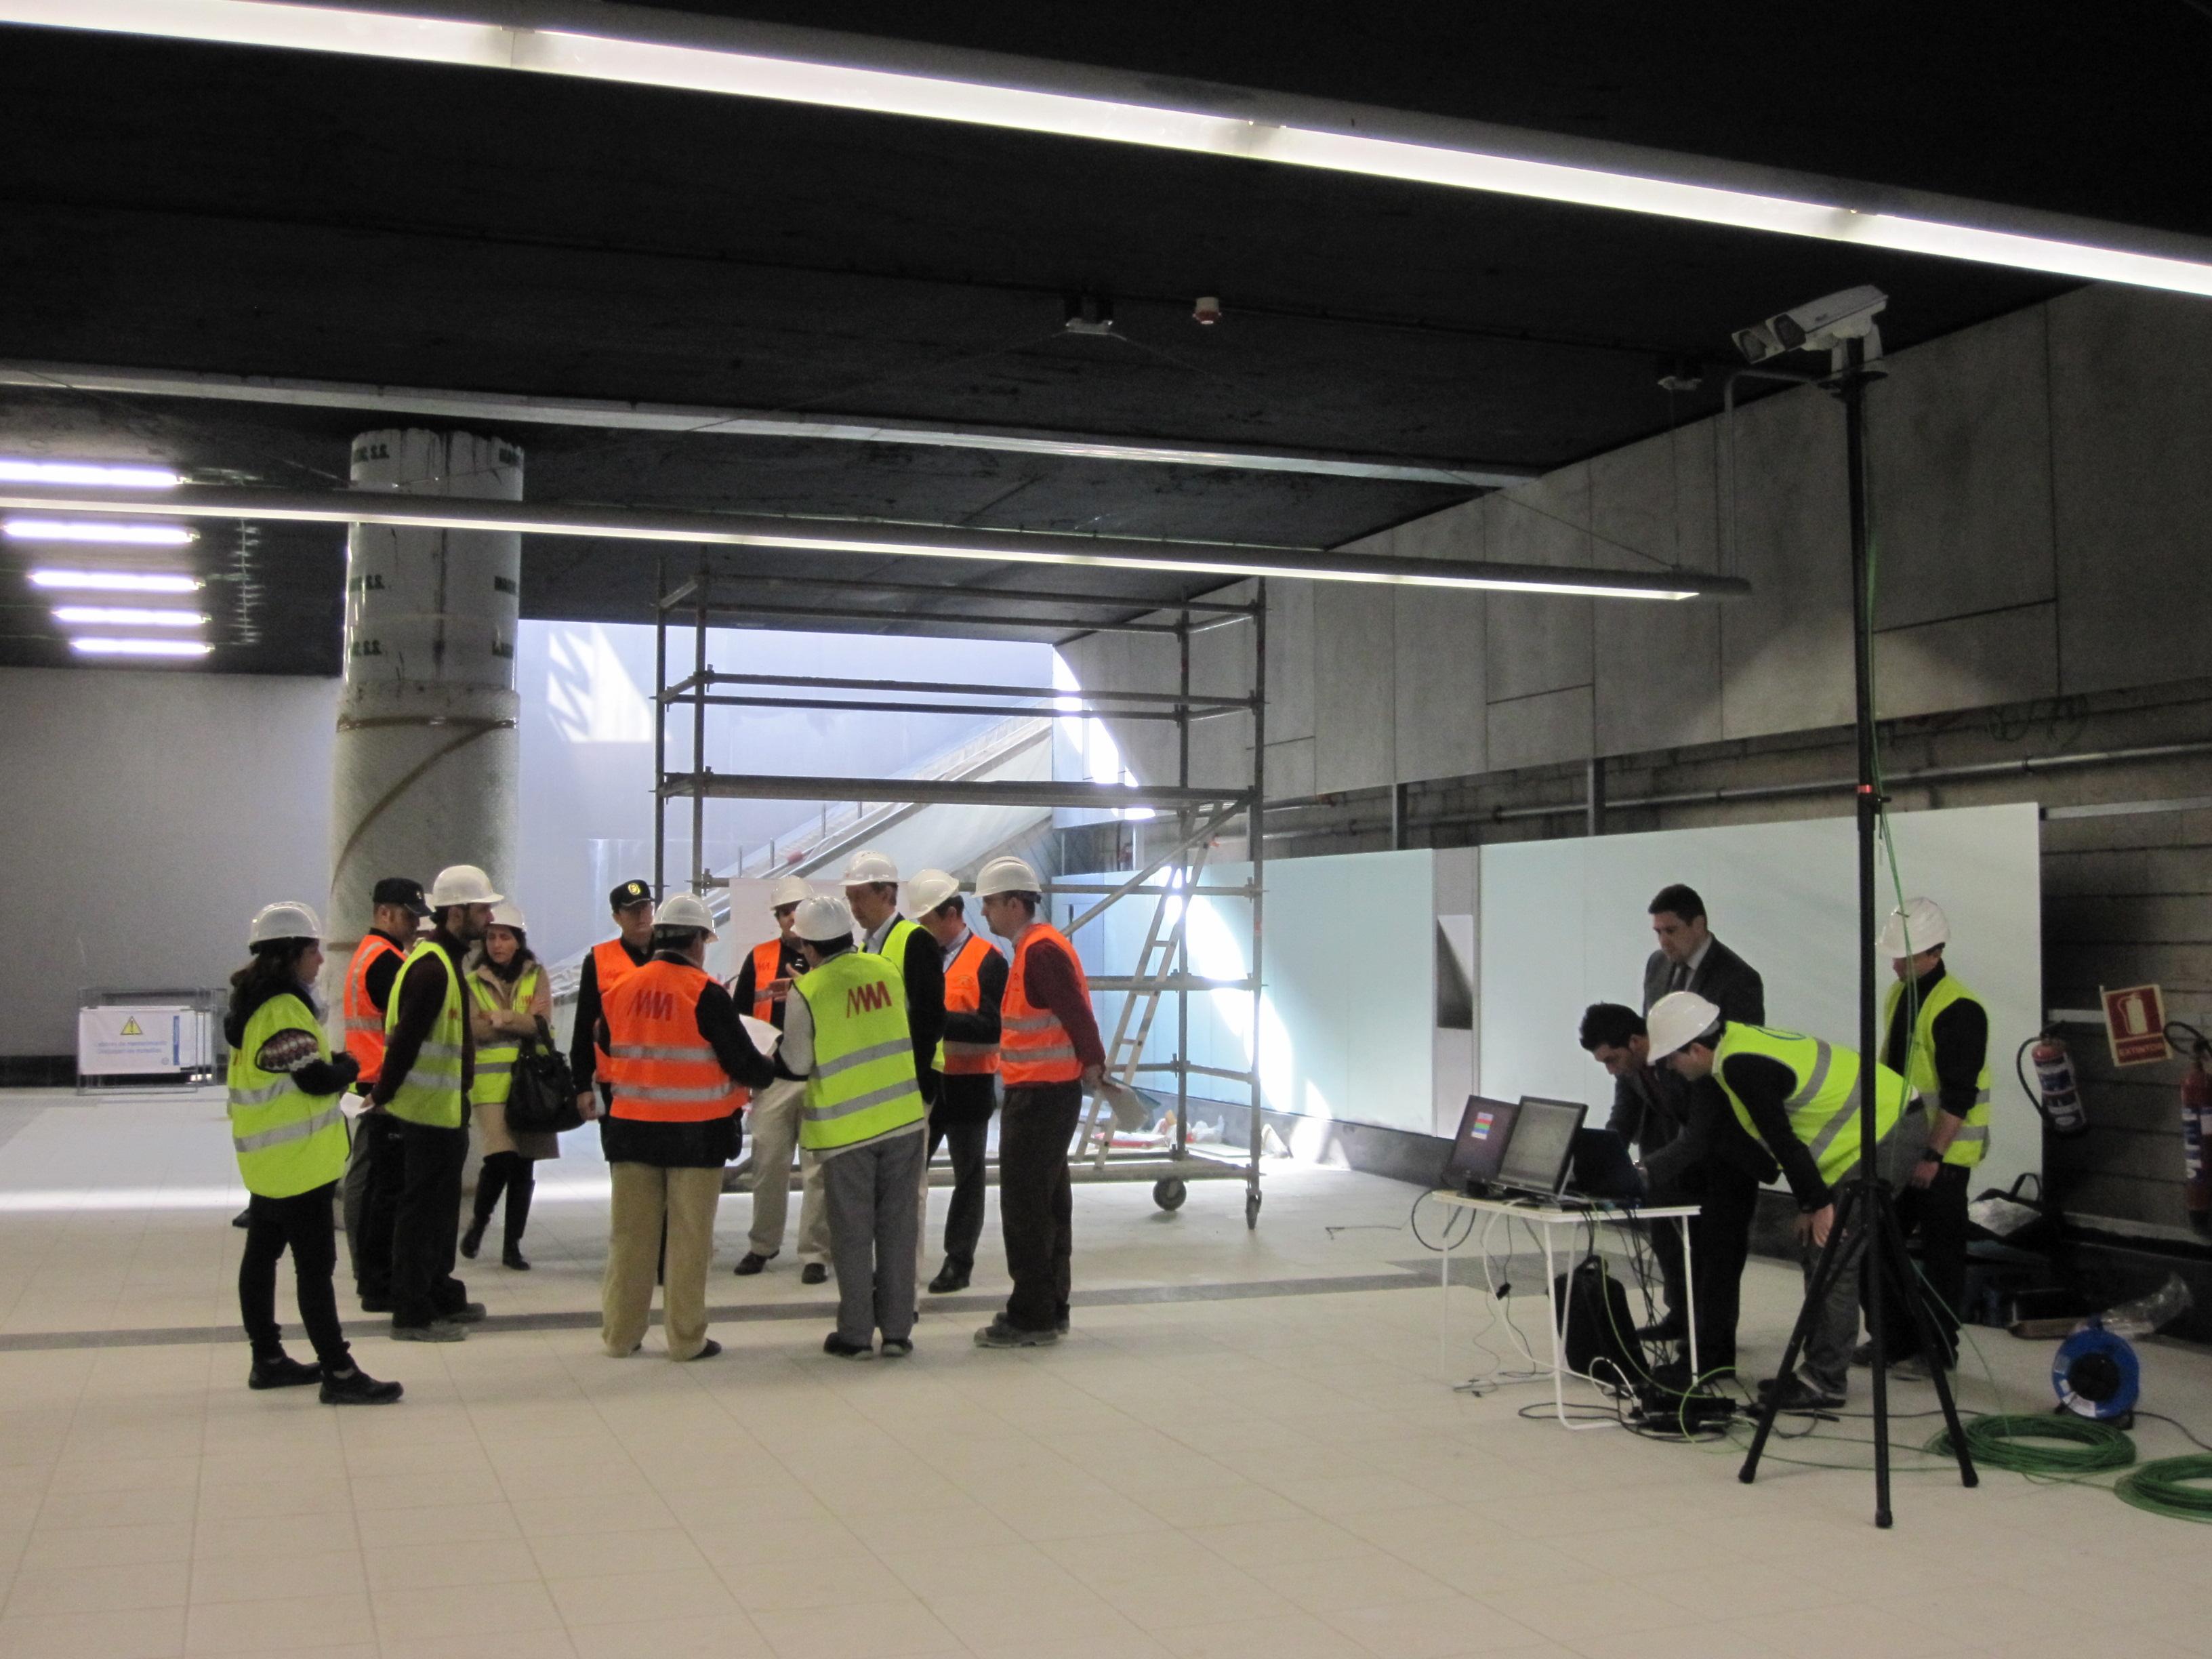 La flota de trenes incorporará también un total de 168 cámaras adicionales.